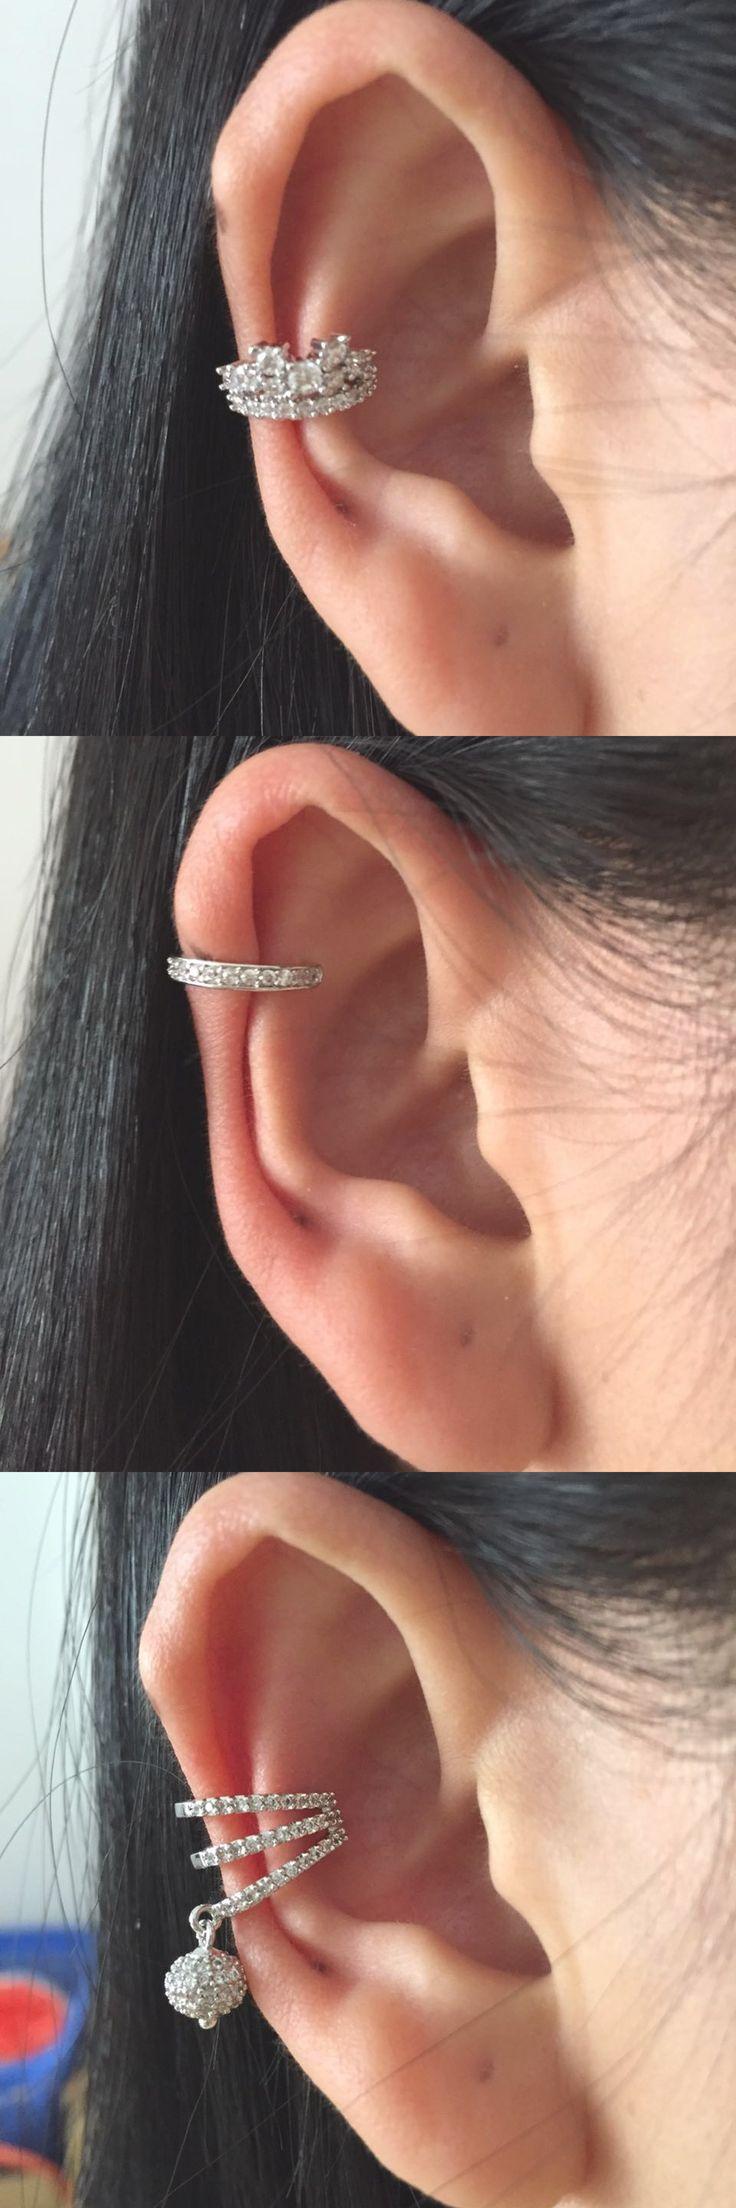 Classy Ear Piercing Ideas For Women At Mybodiart  Upper Ear Cartilage  Earring